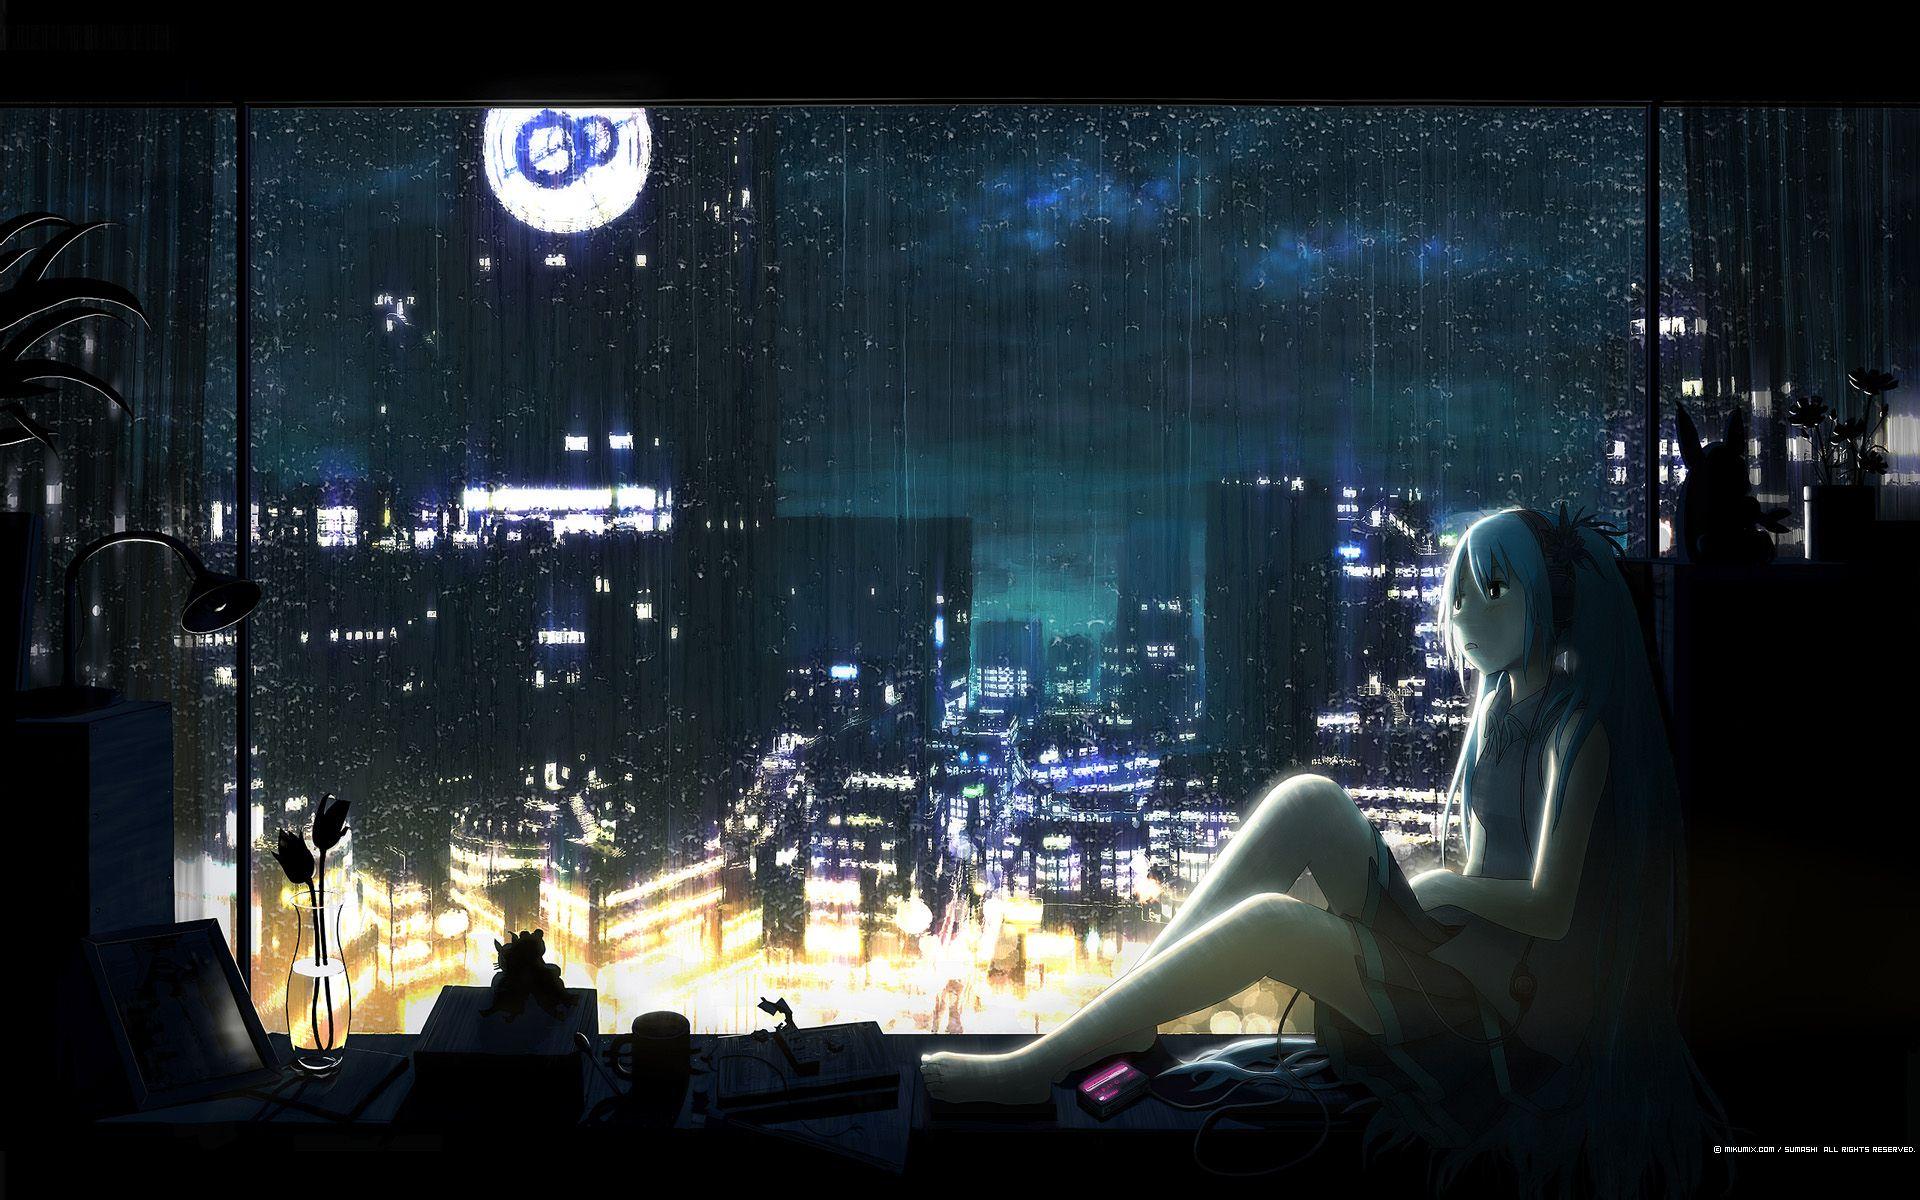 【附送:初音未来电脑壁纸一张】